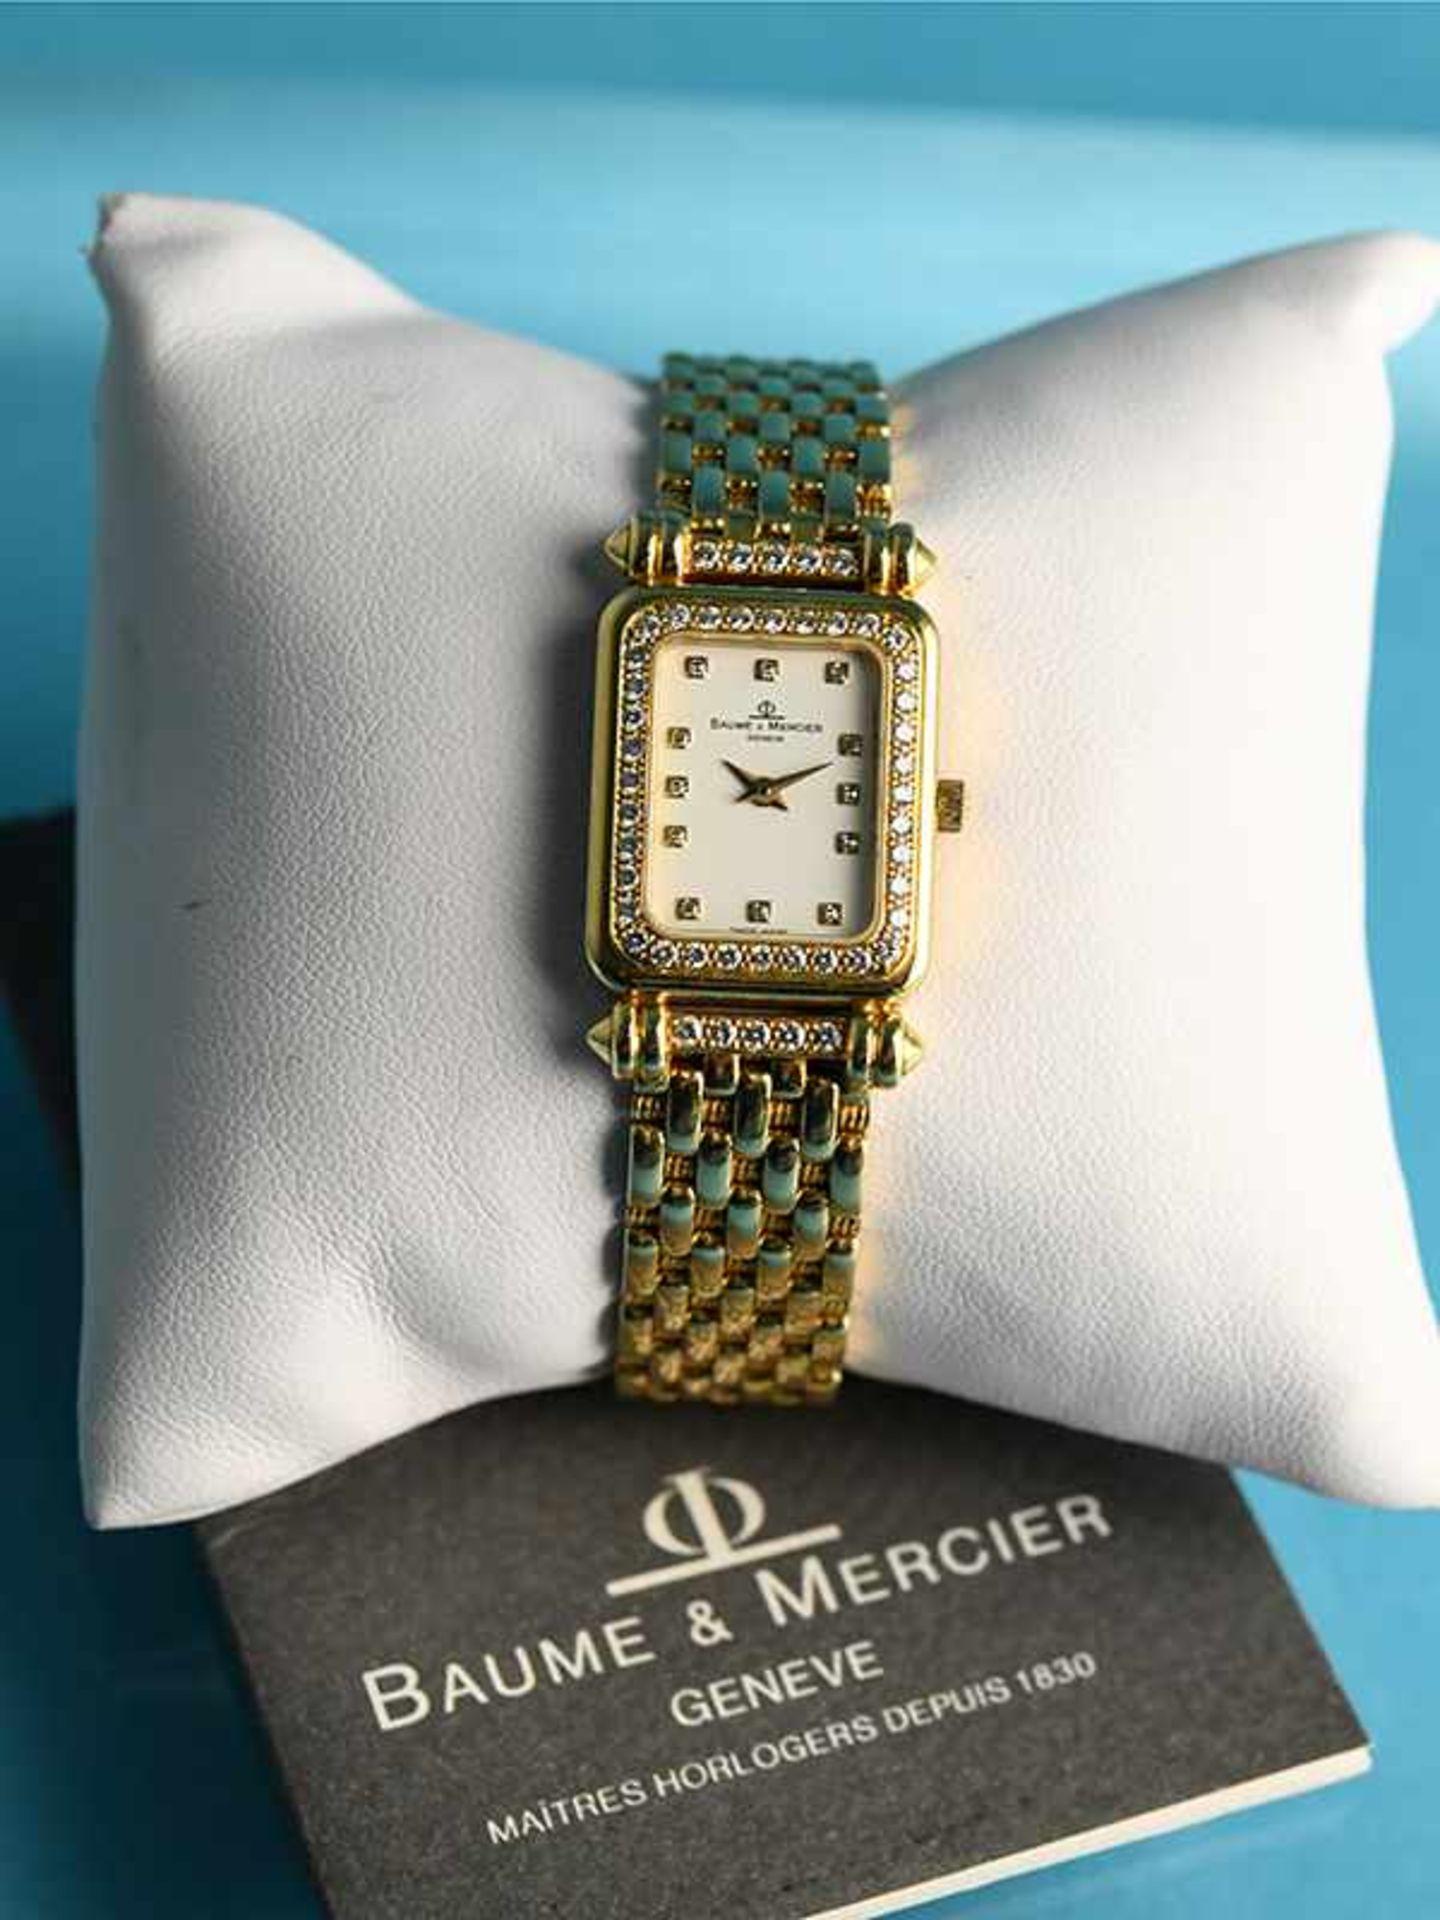 Damenarmbanduhr mit Brillanten, zusammen ca. 0,5 ct, bezeichnet Baume & Mercier, Geneve, 20. Jh.